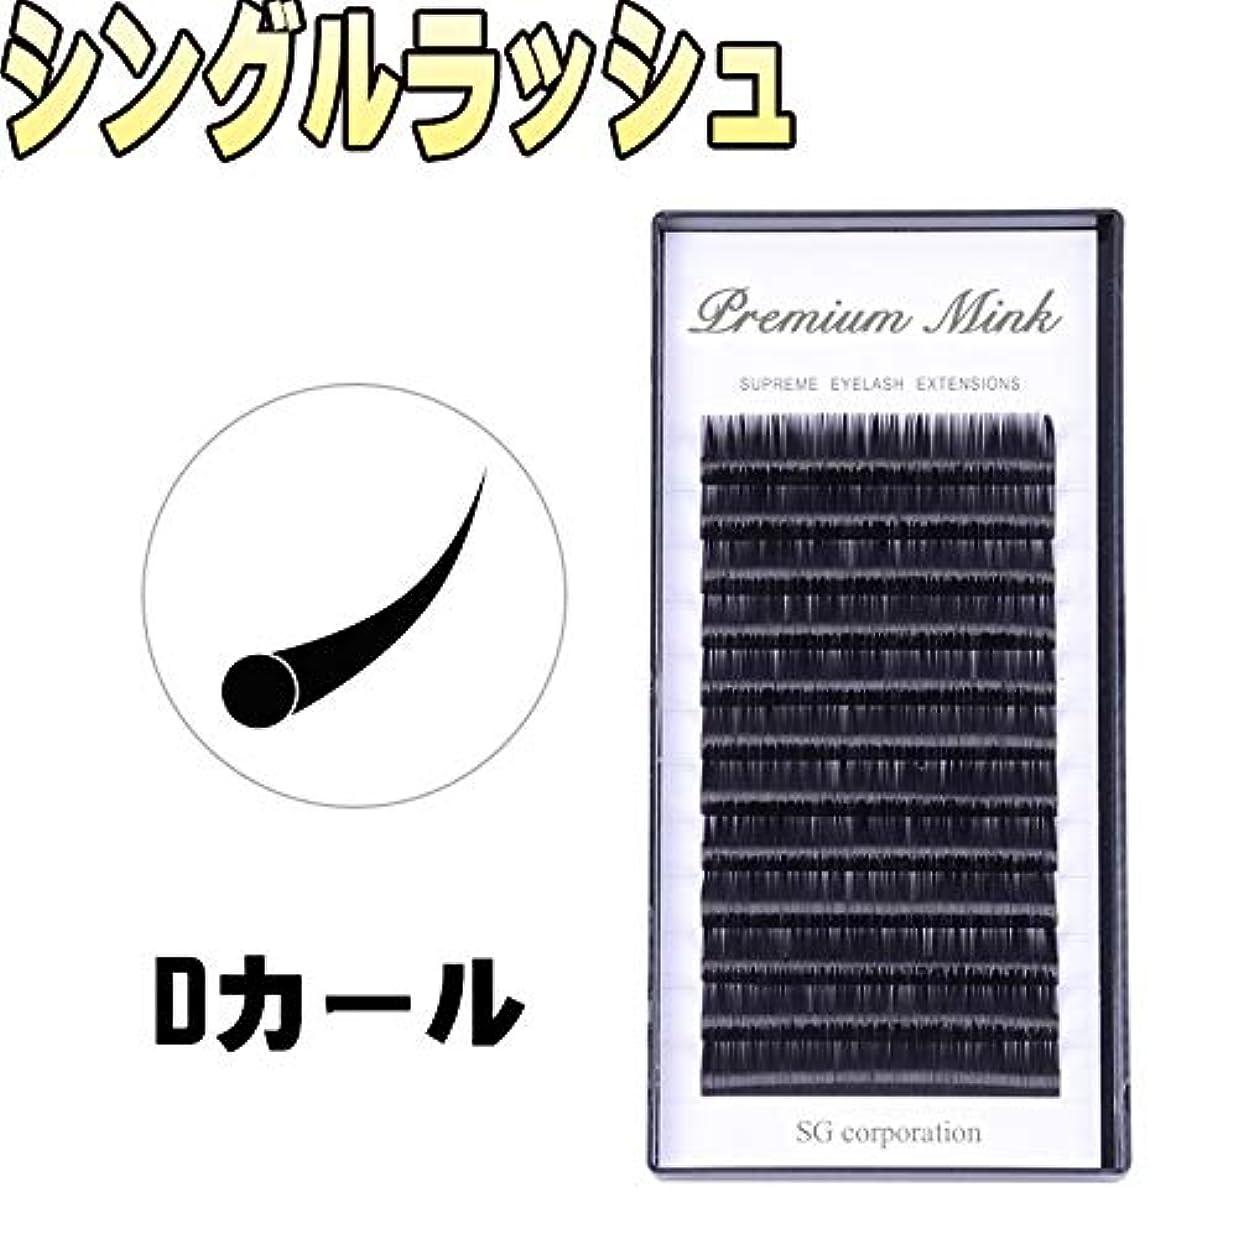 減るトリプル隔離する【まつげエクステ Dカール プレミアムミンク】12列 Dカール マツエク まつ毛エクステ まつエク セルフ 付けまつ毛 キット セット 業務用 アイラッシュ まつ毛パーマ フラットマットラッシュ ではありません。 0.15mm,13mm